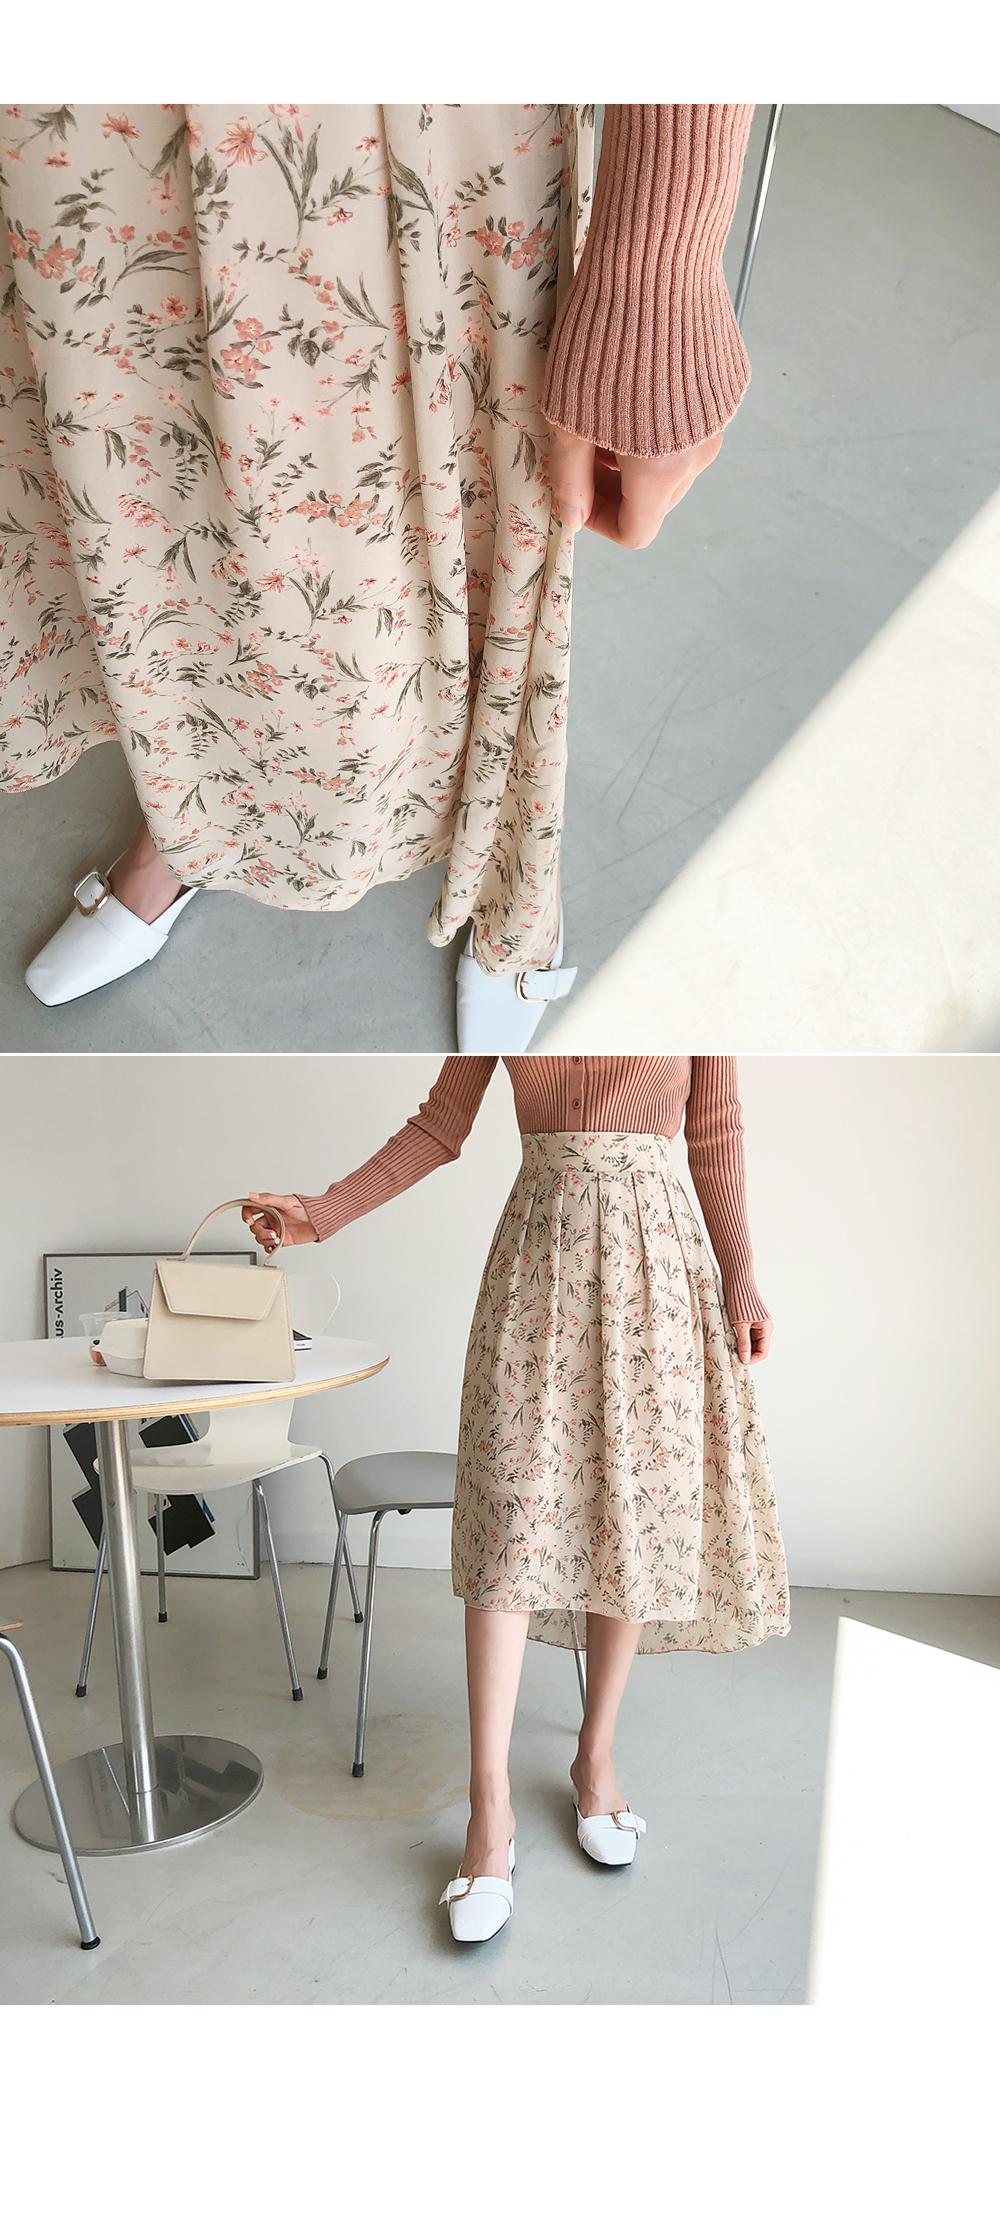 Soft skirt